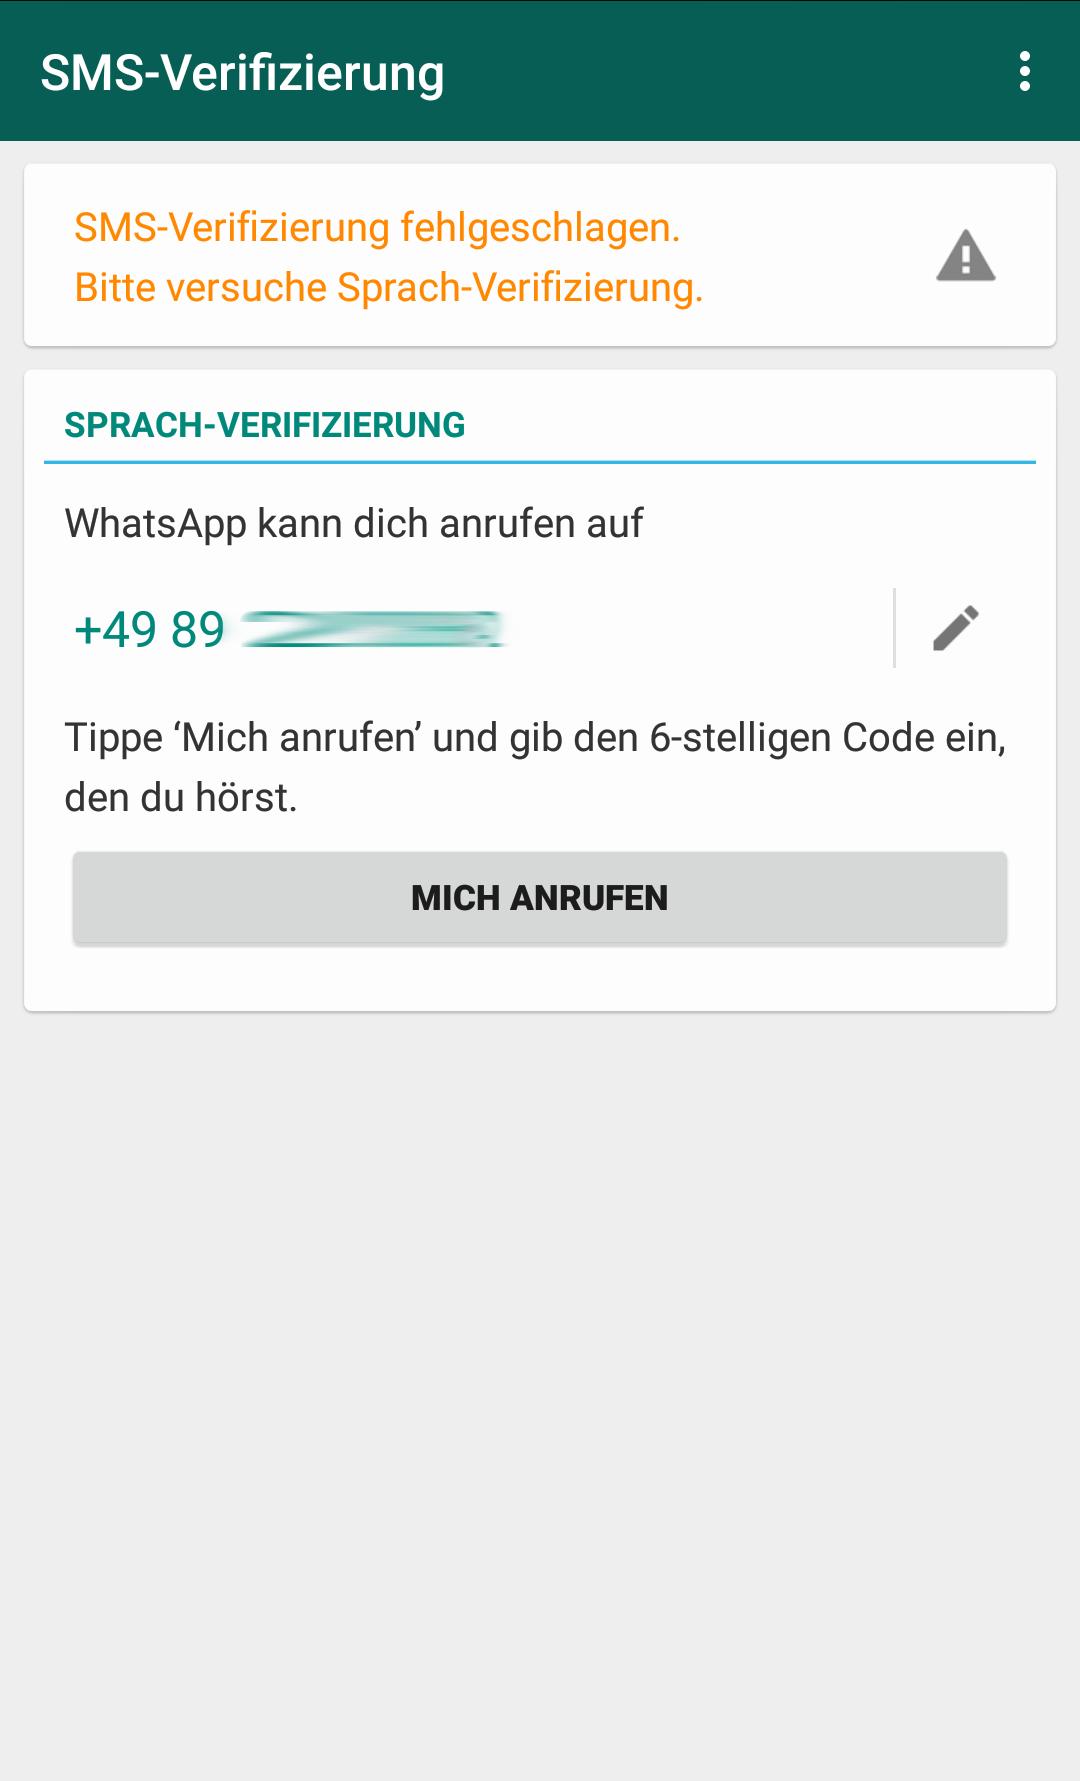 whatsapp 6 stelliger code hacken